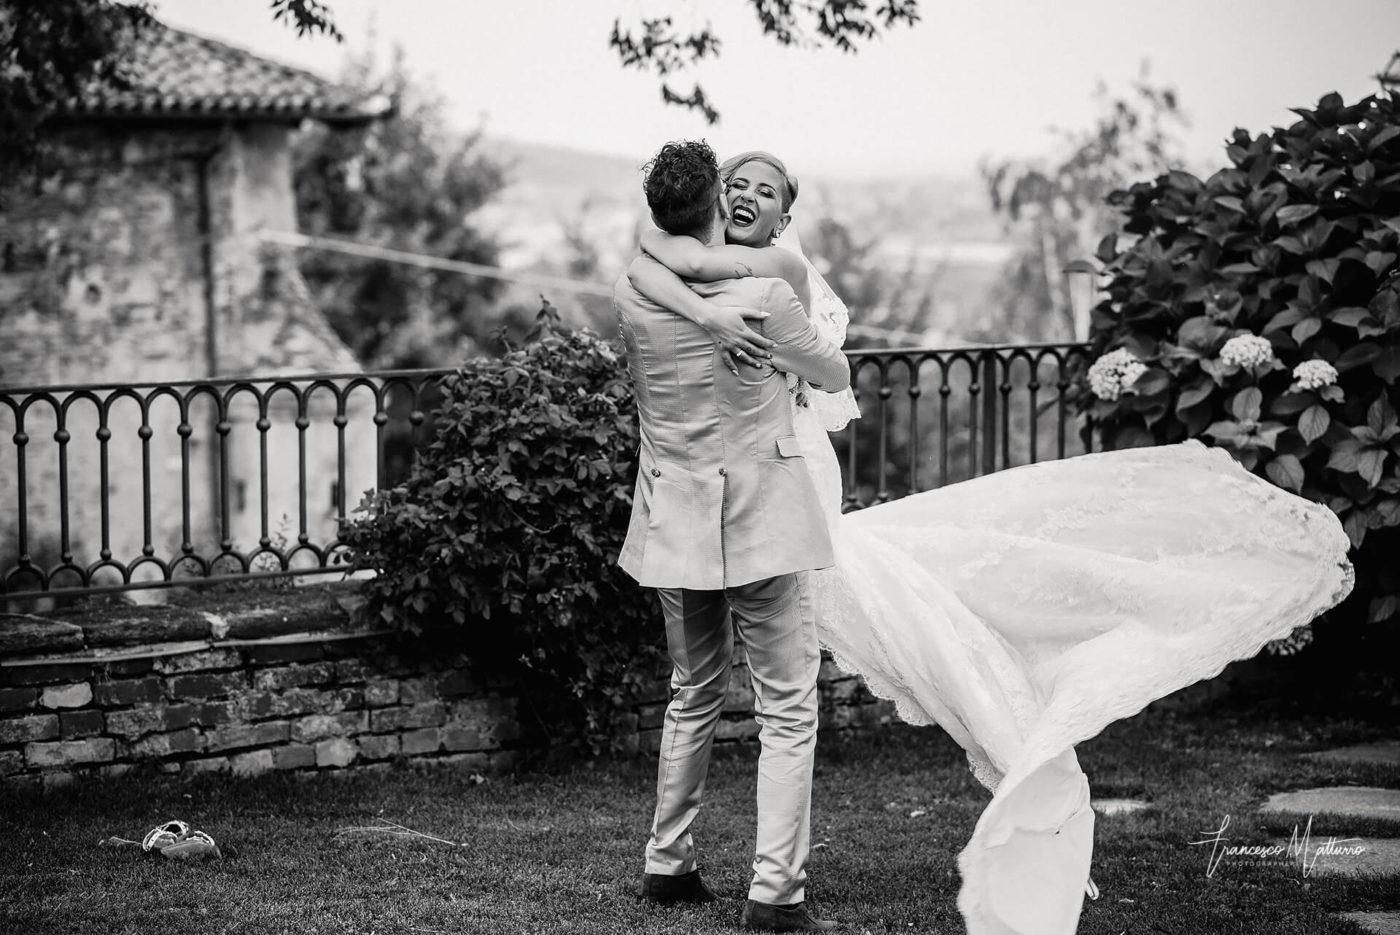 foto in bianco e nero di due sposi che si stringono in un abbraccio, lui solleva lei e la fa volteggiare mentre sorride nel parco del castello rosso di costigliole saluzzo di Francesco Matturro